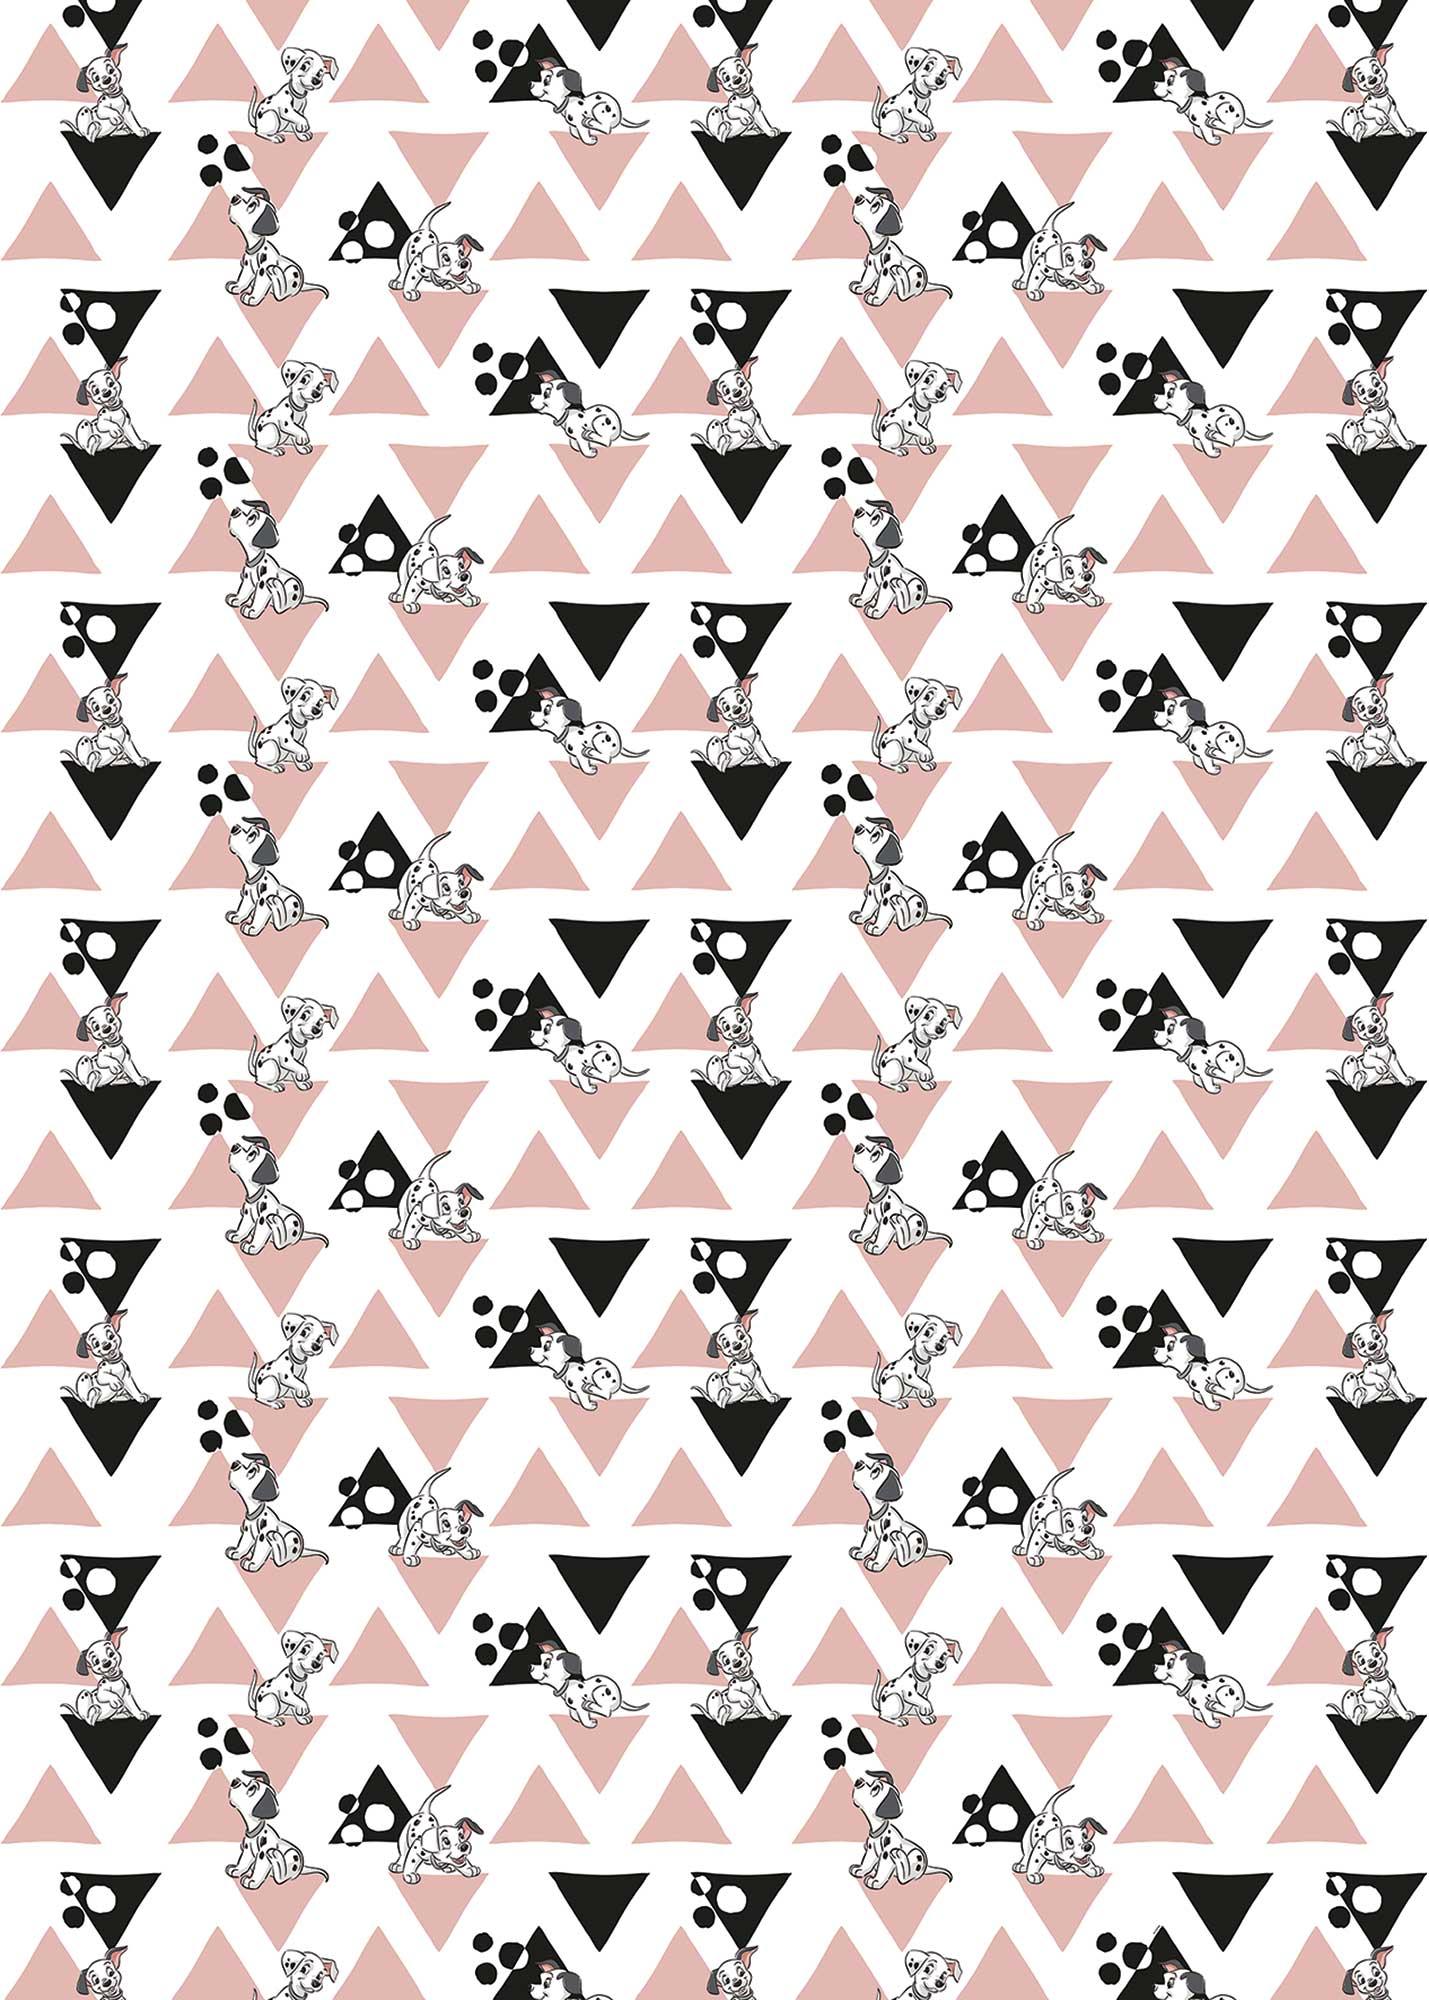 Papier peint enfant Disney 101 Dalmatiner Angles - Papier peint panoramique Komar